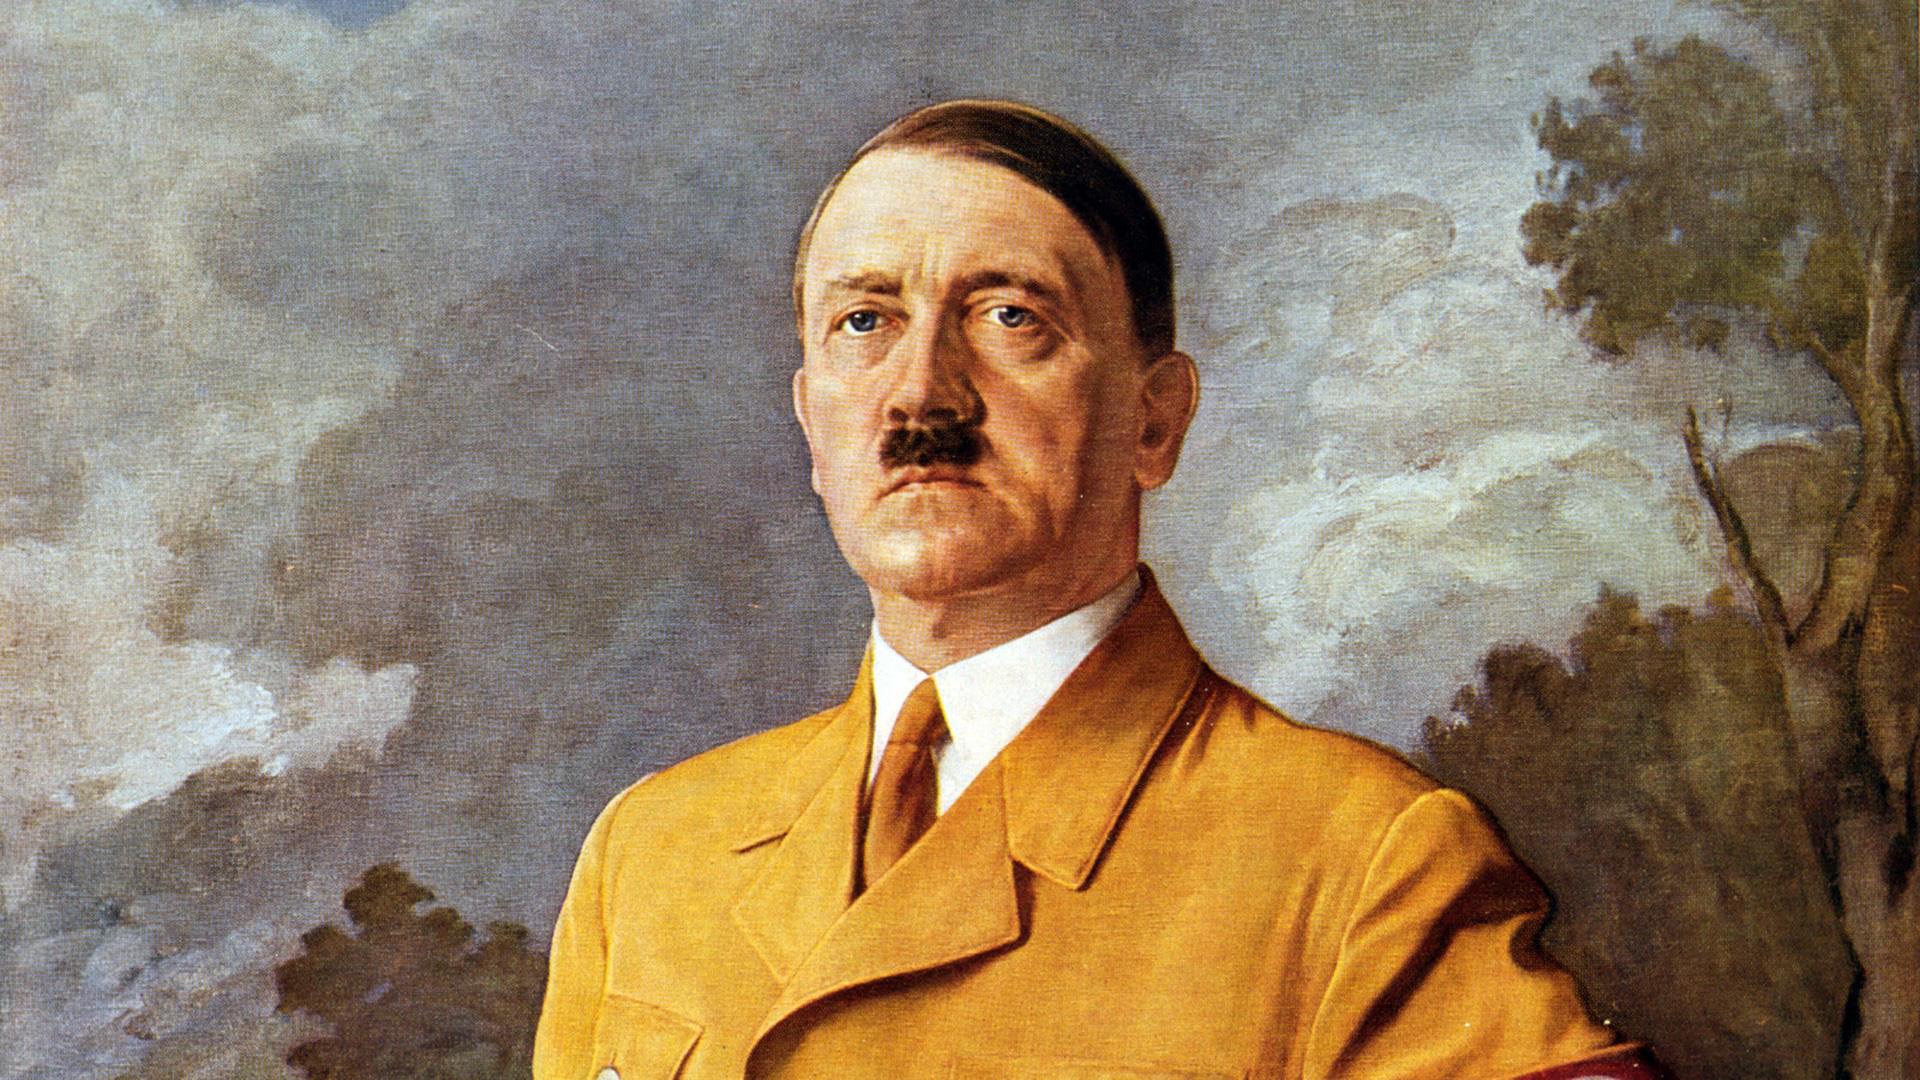 Cái chết bí ẩn của cháu trai trùm phát xít Hitler trong nhà tù Liên Xô - Ảnh 8.